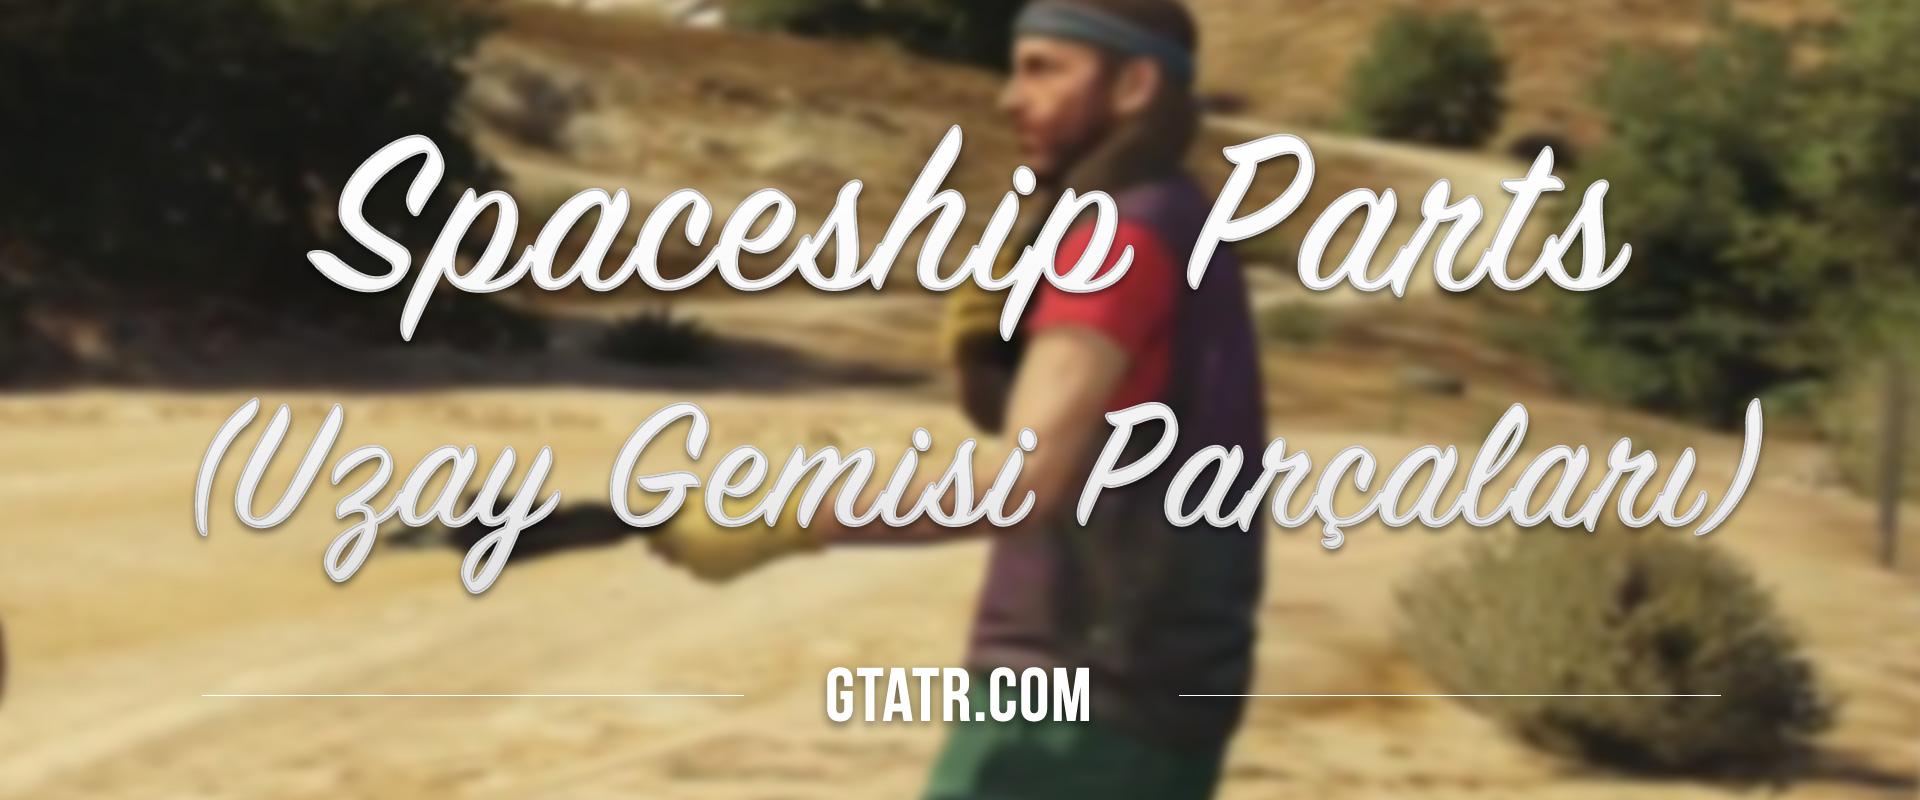 GTA 5 Spaceship Parts